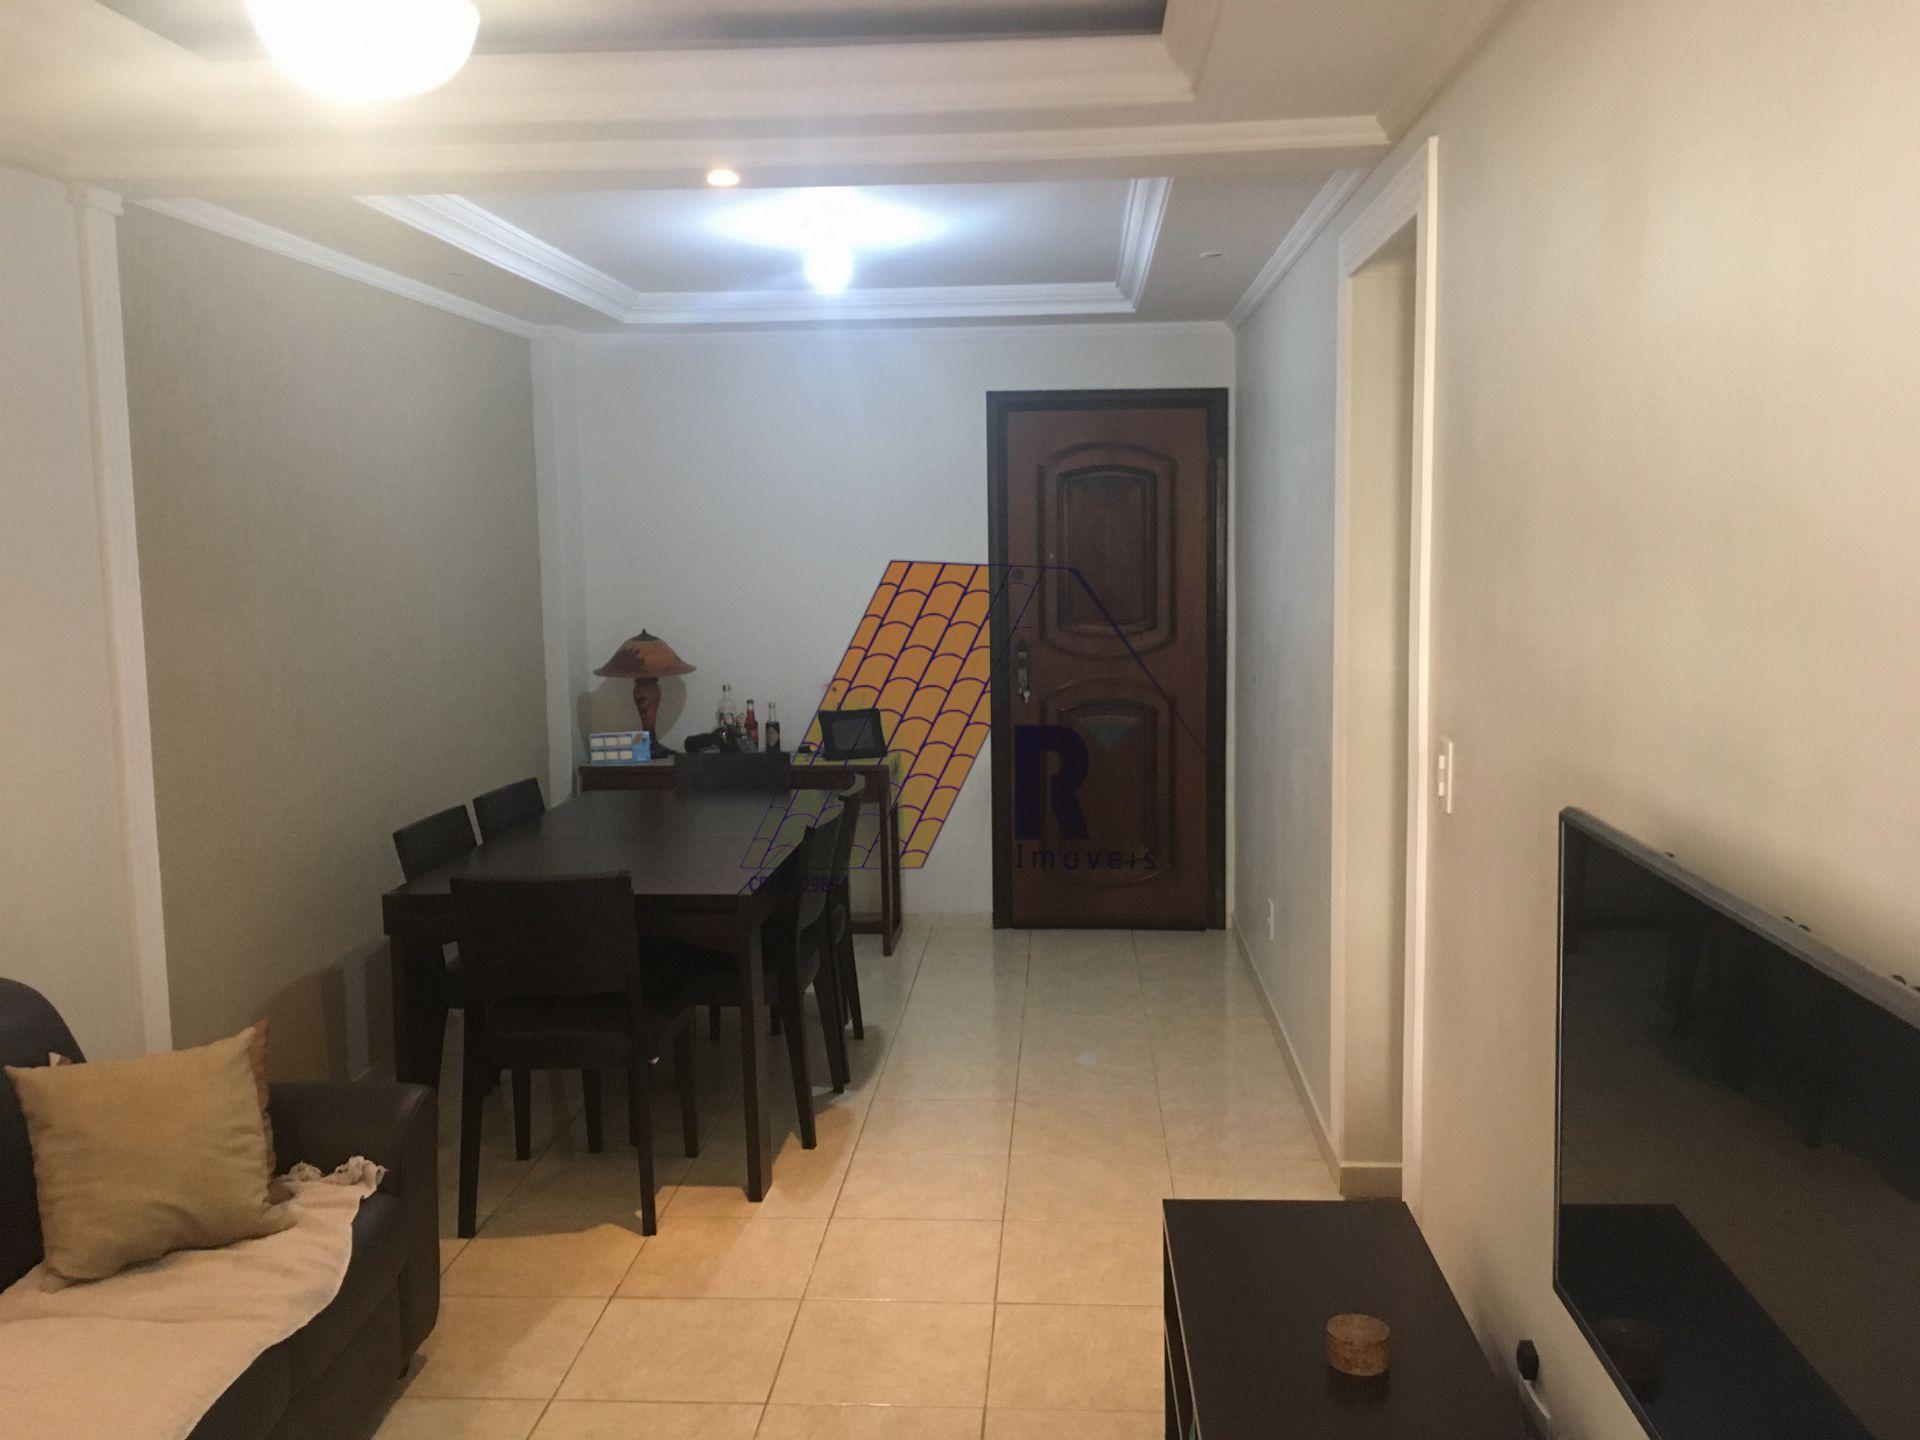 FOTO 2 - Apartamento à venda Rua Águas Mornas,Vila Valqueire, Rio de Janeiro - R$ 580.000 - RF130 - 3